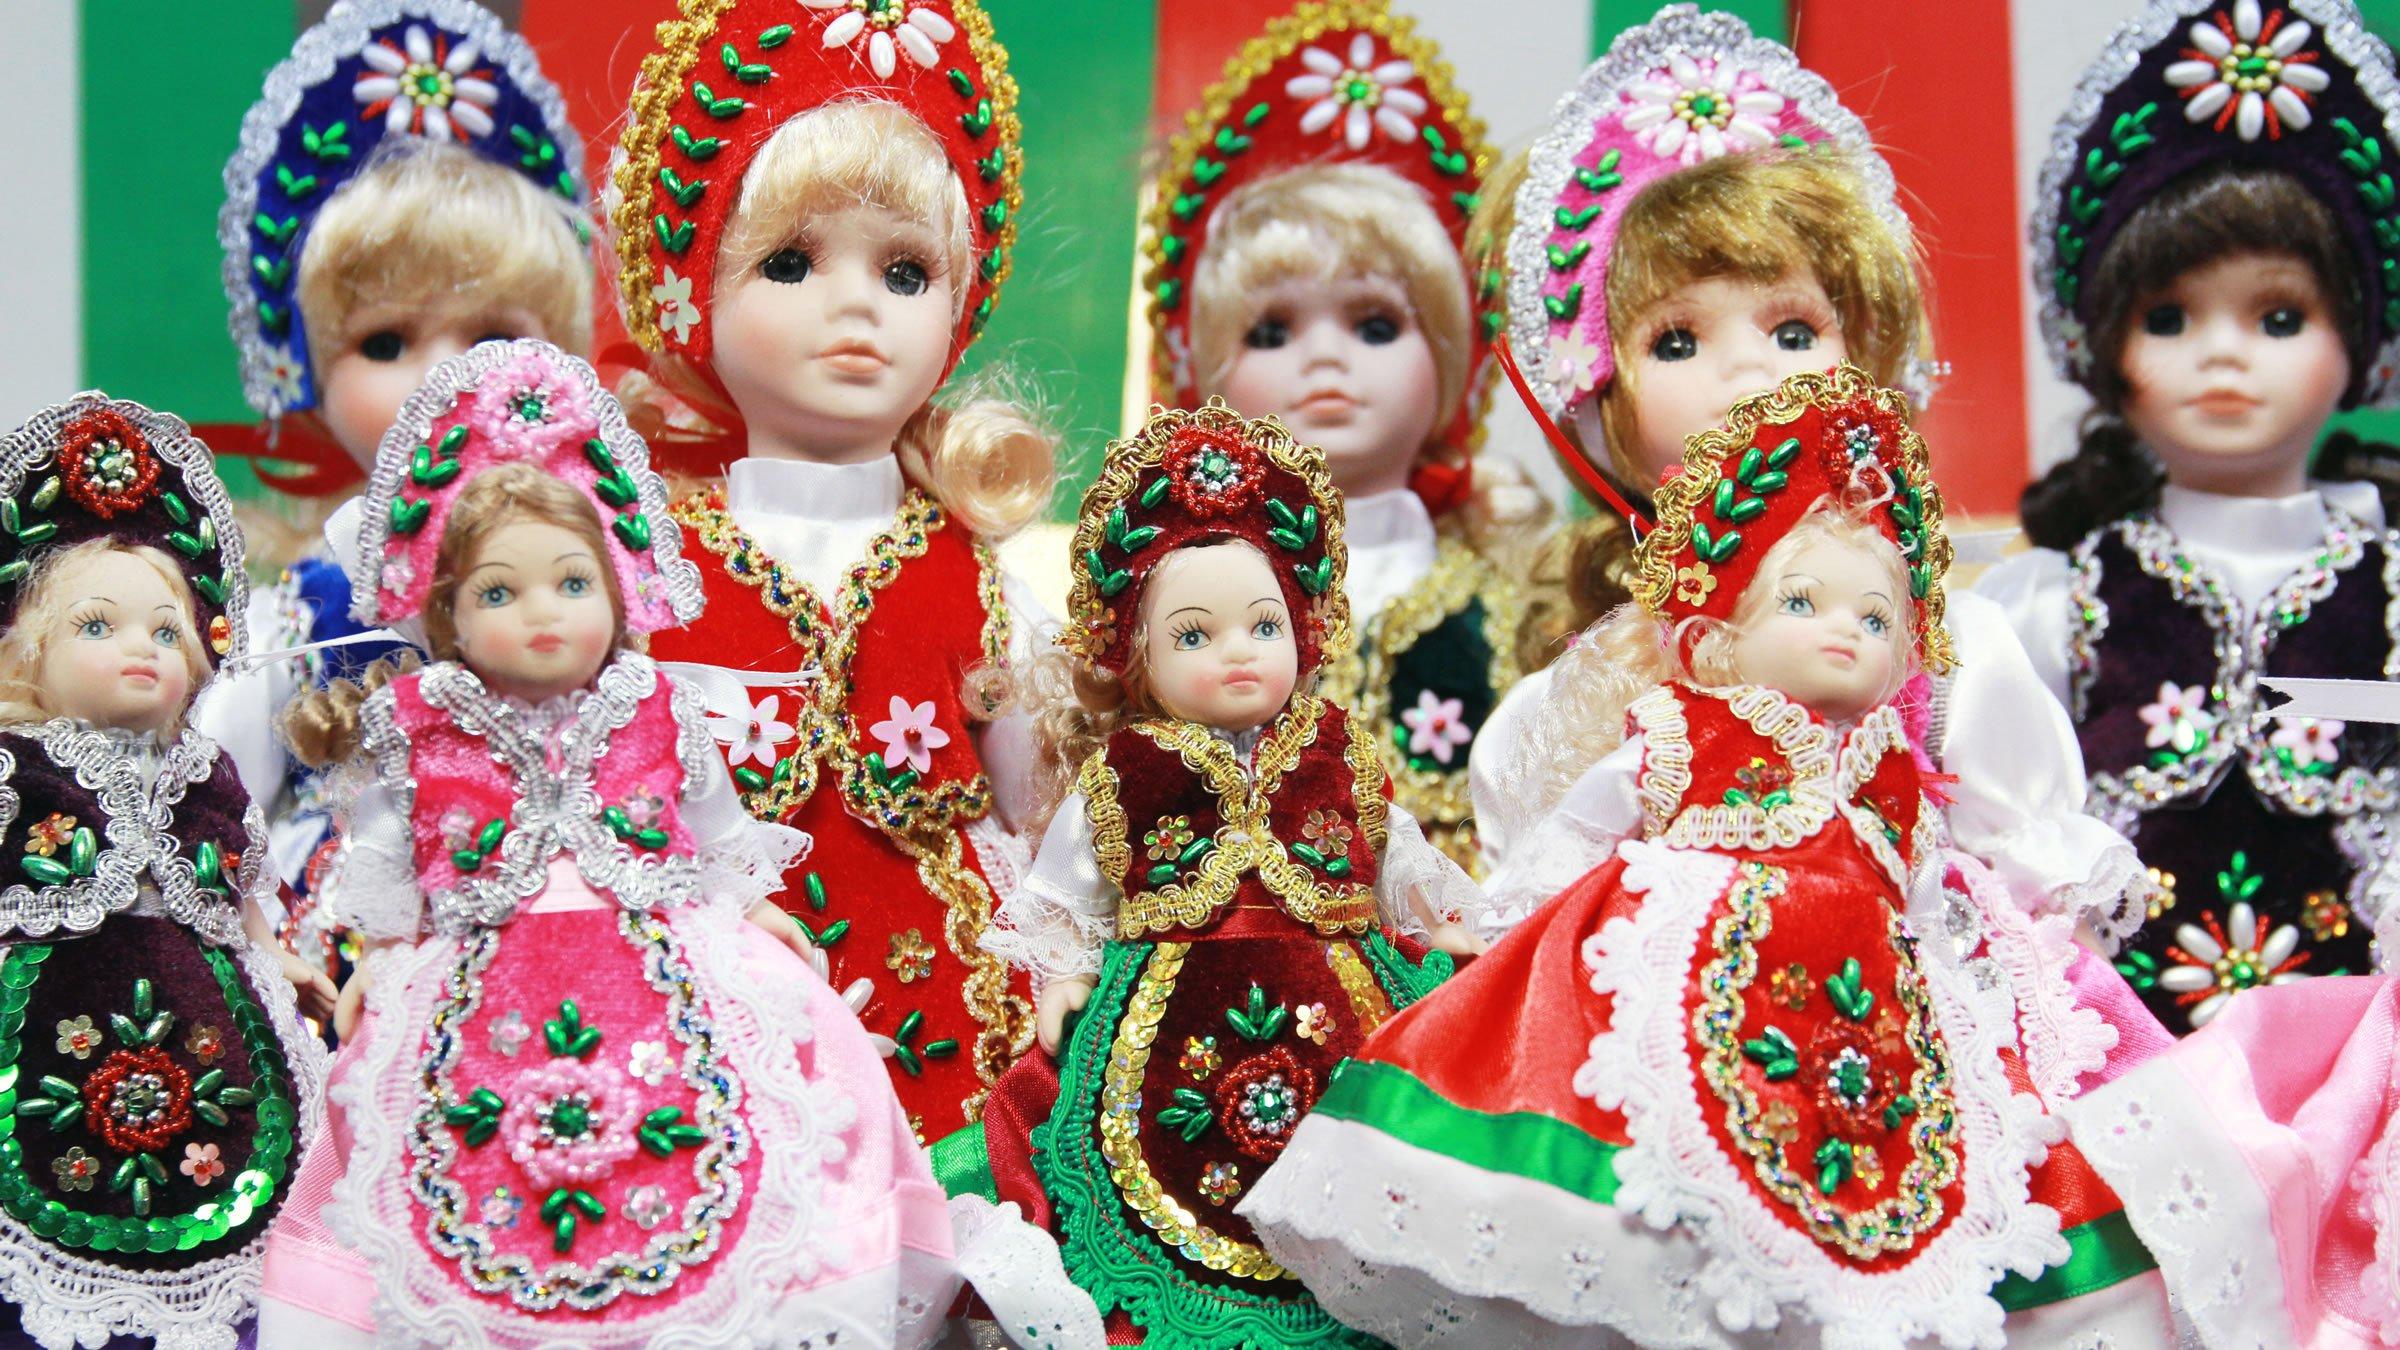 Muñecas Típicas De Hungría Con Vestuario Tradicional